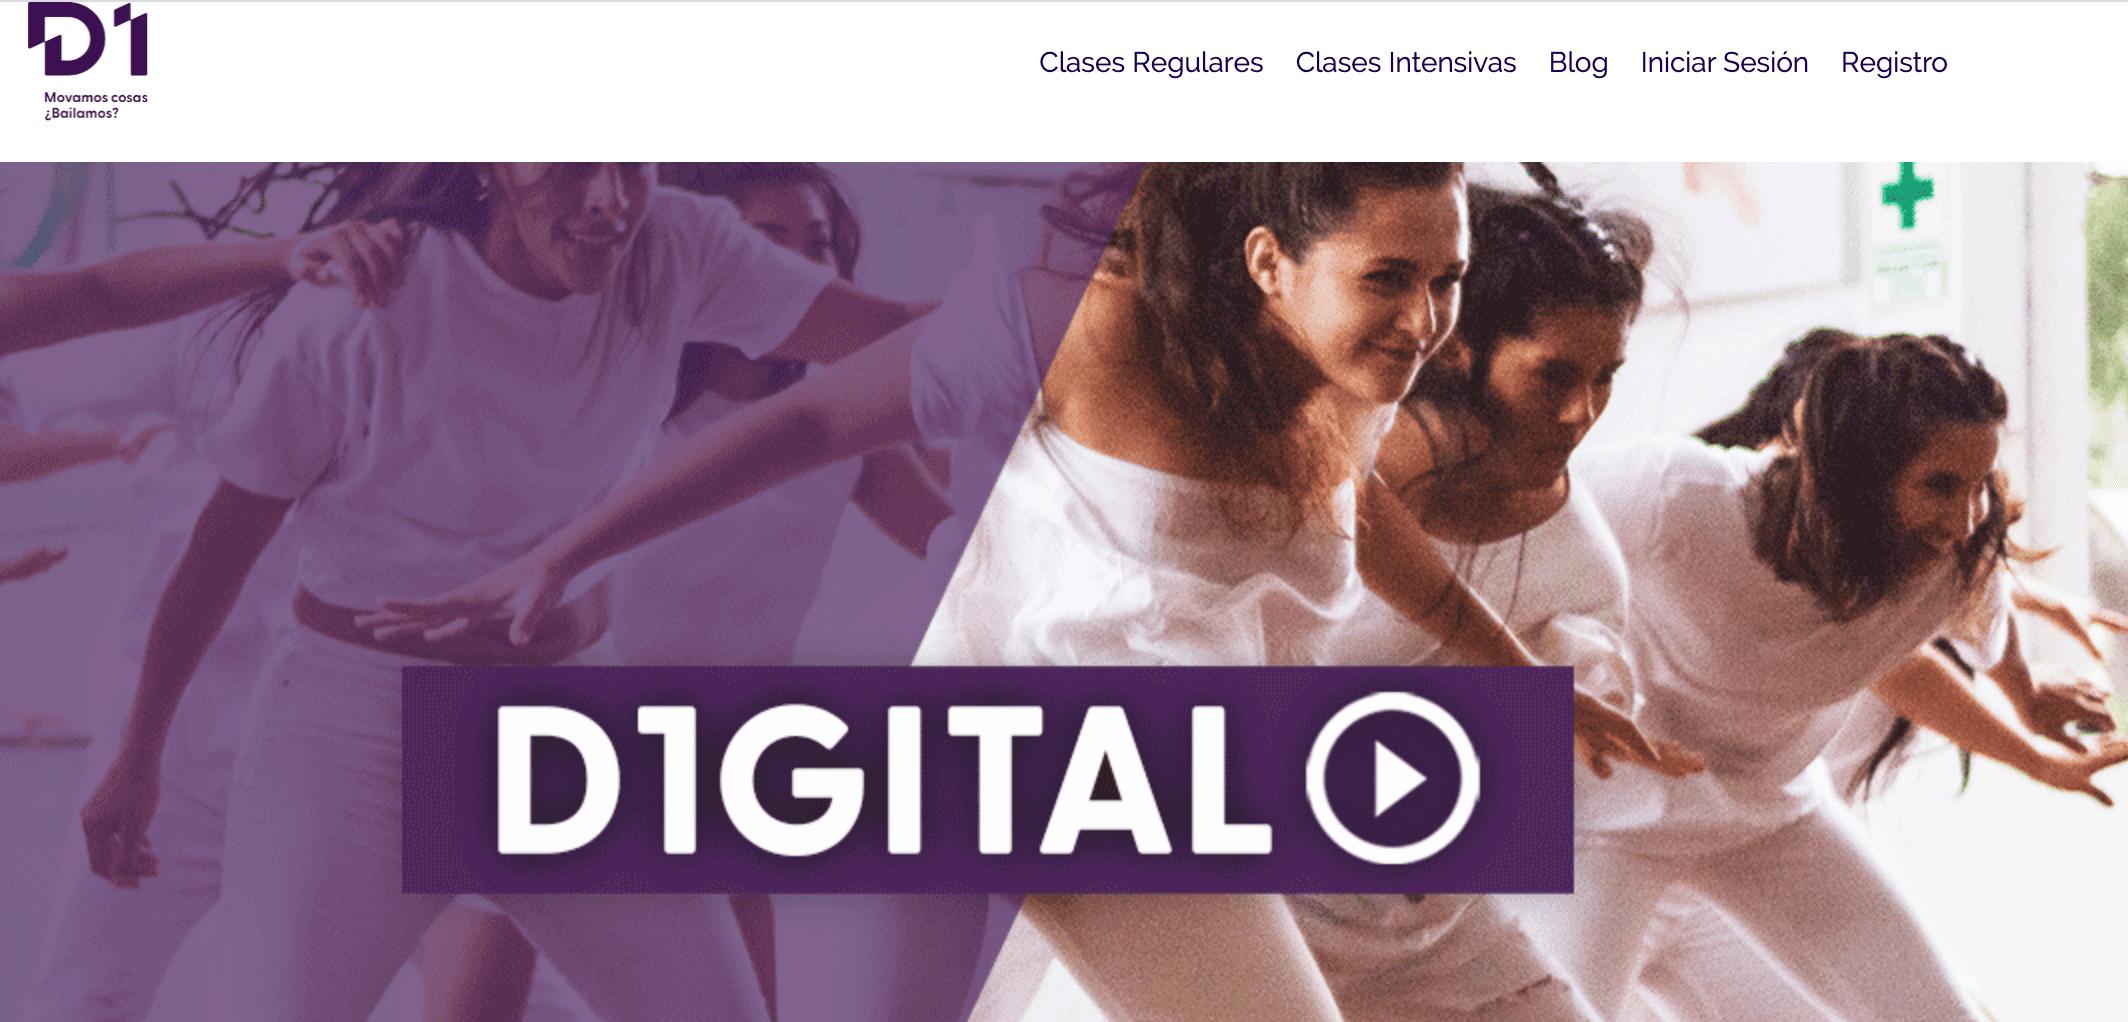 De D1 a D1gital: La nueva apuesta de la escuela de baile de Vania Masías